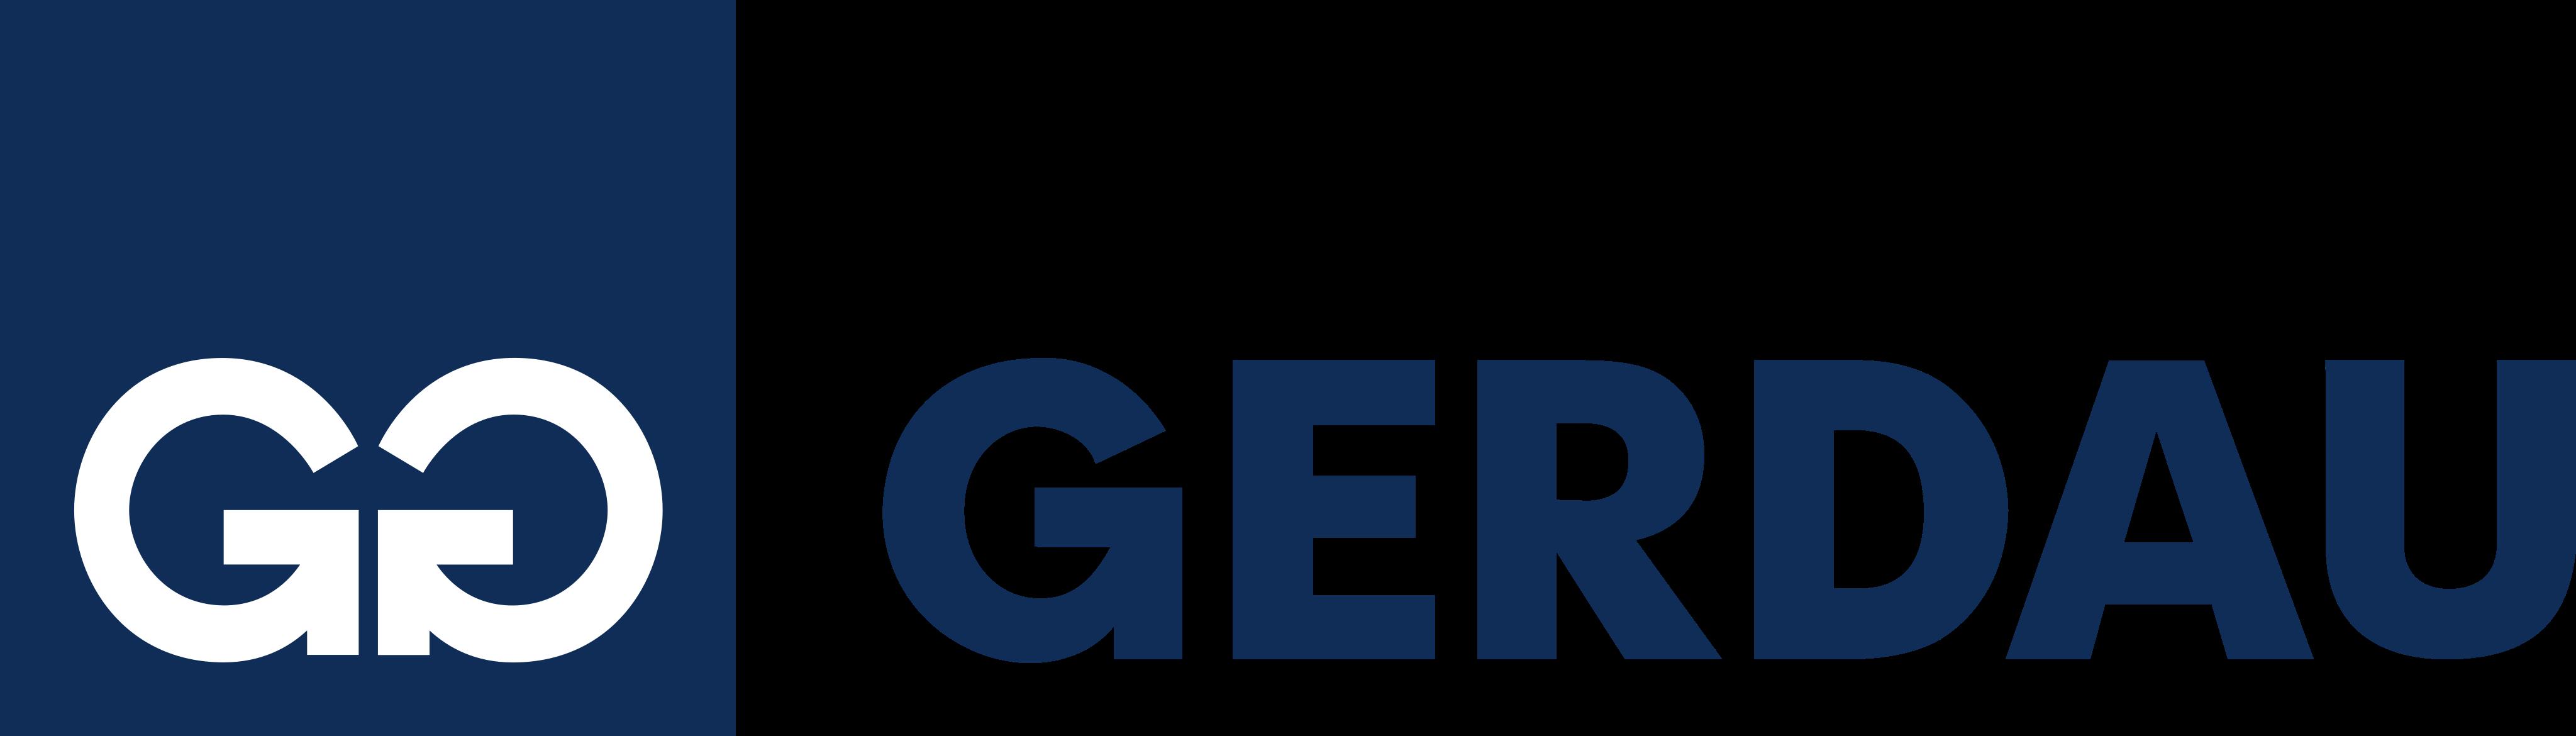 gerdau logo 1 - Gerdau Logo